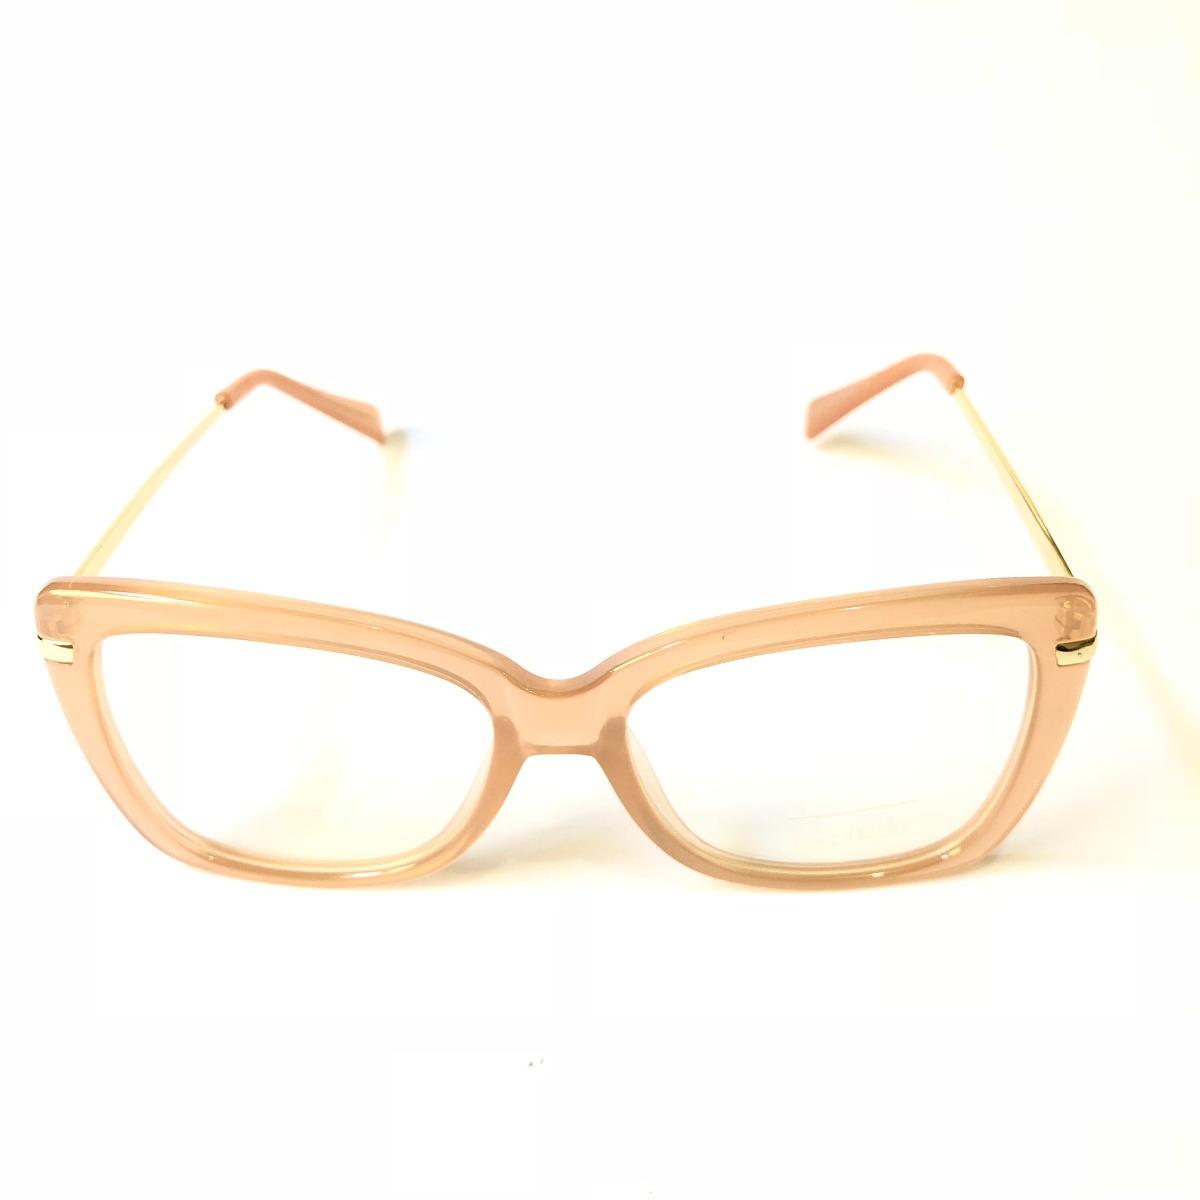 1bbe2740e398f armação de oculos de grau feminino acetato ale df614 vintage. Carregando  zoom.